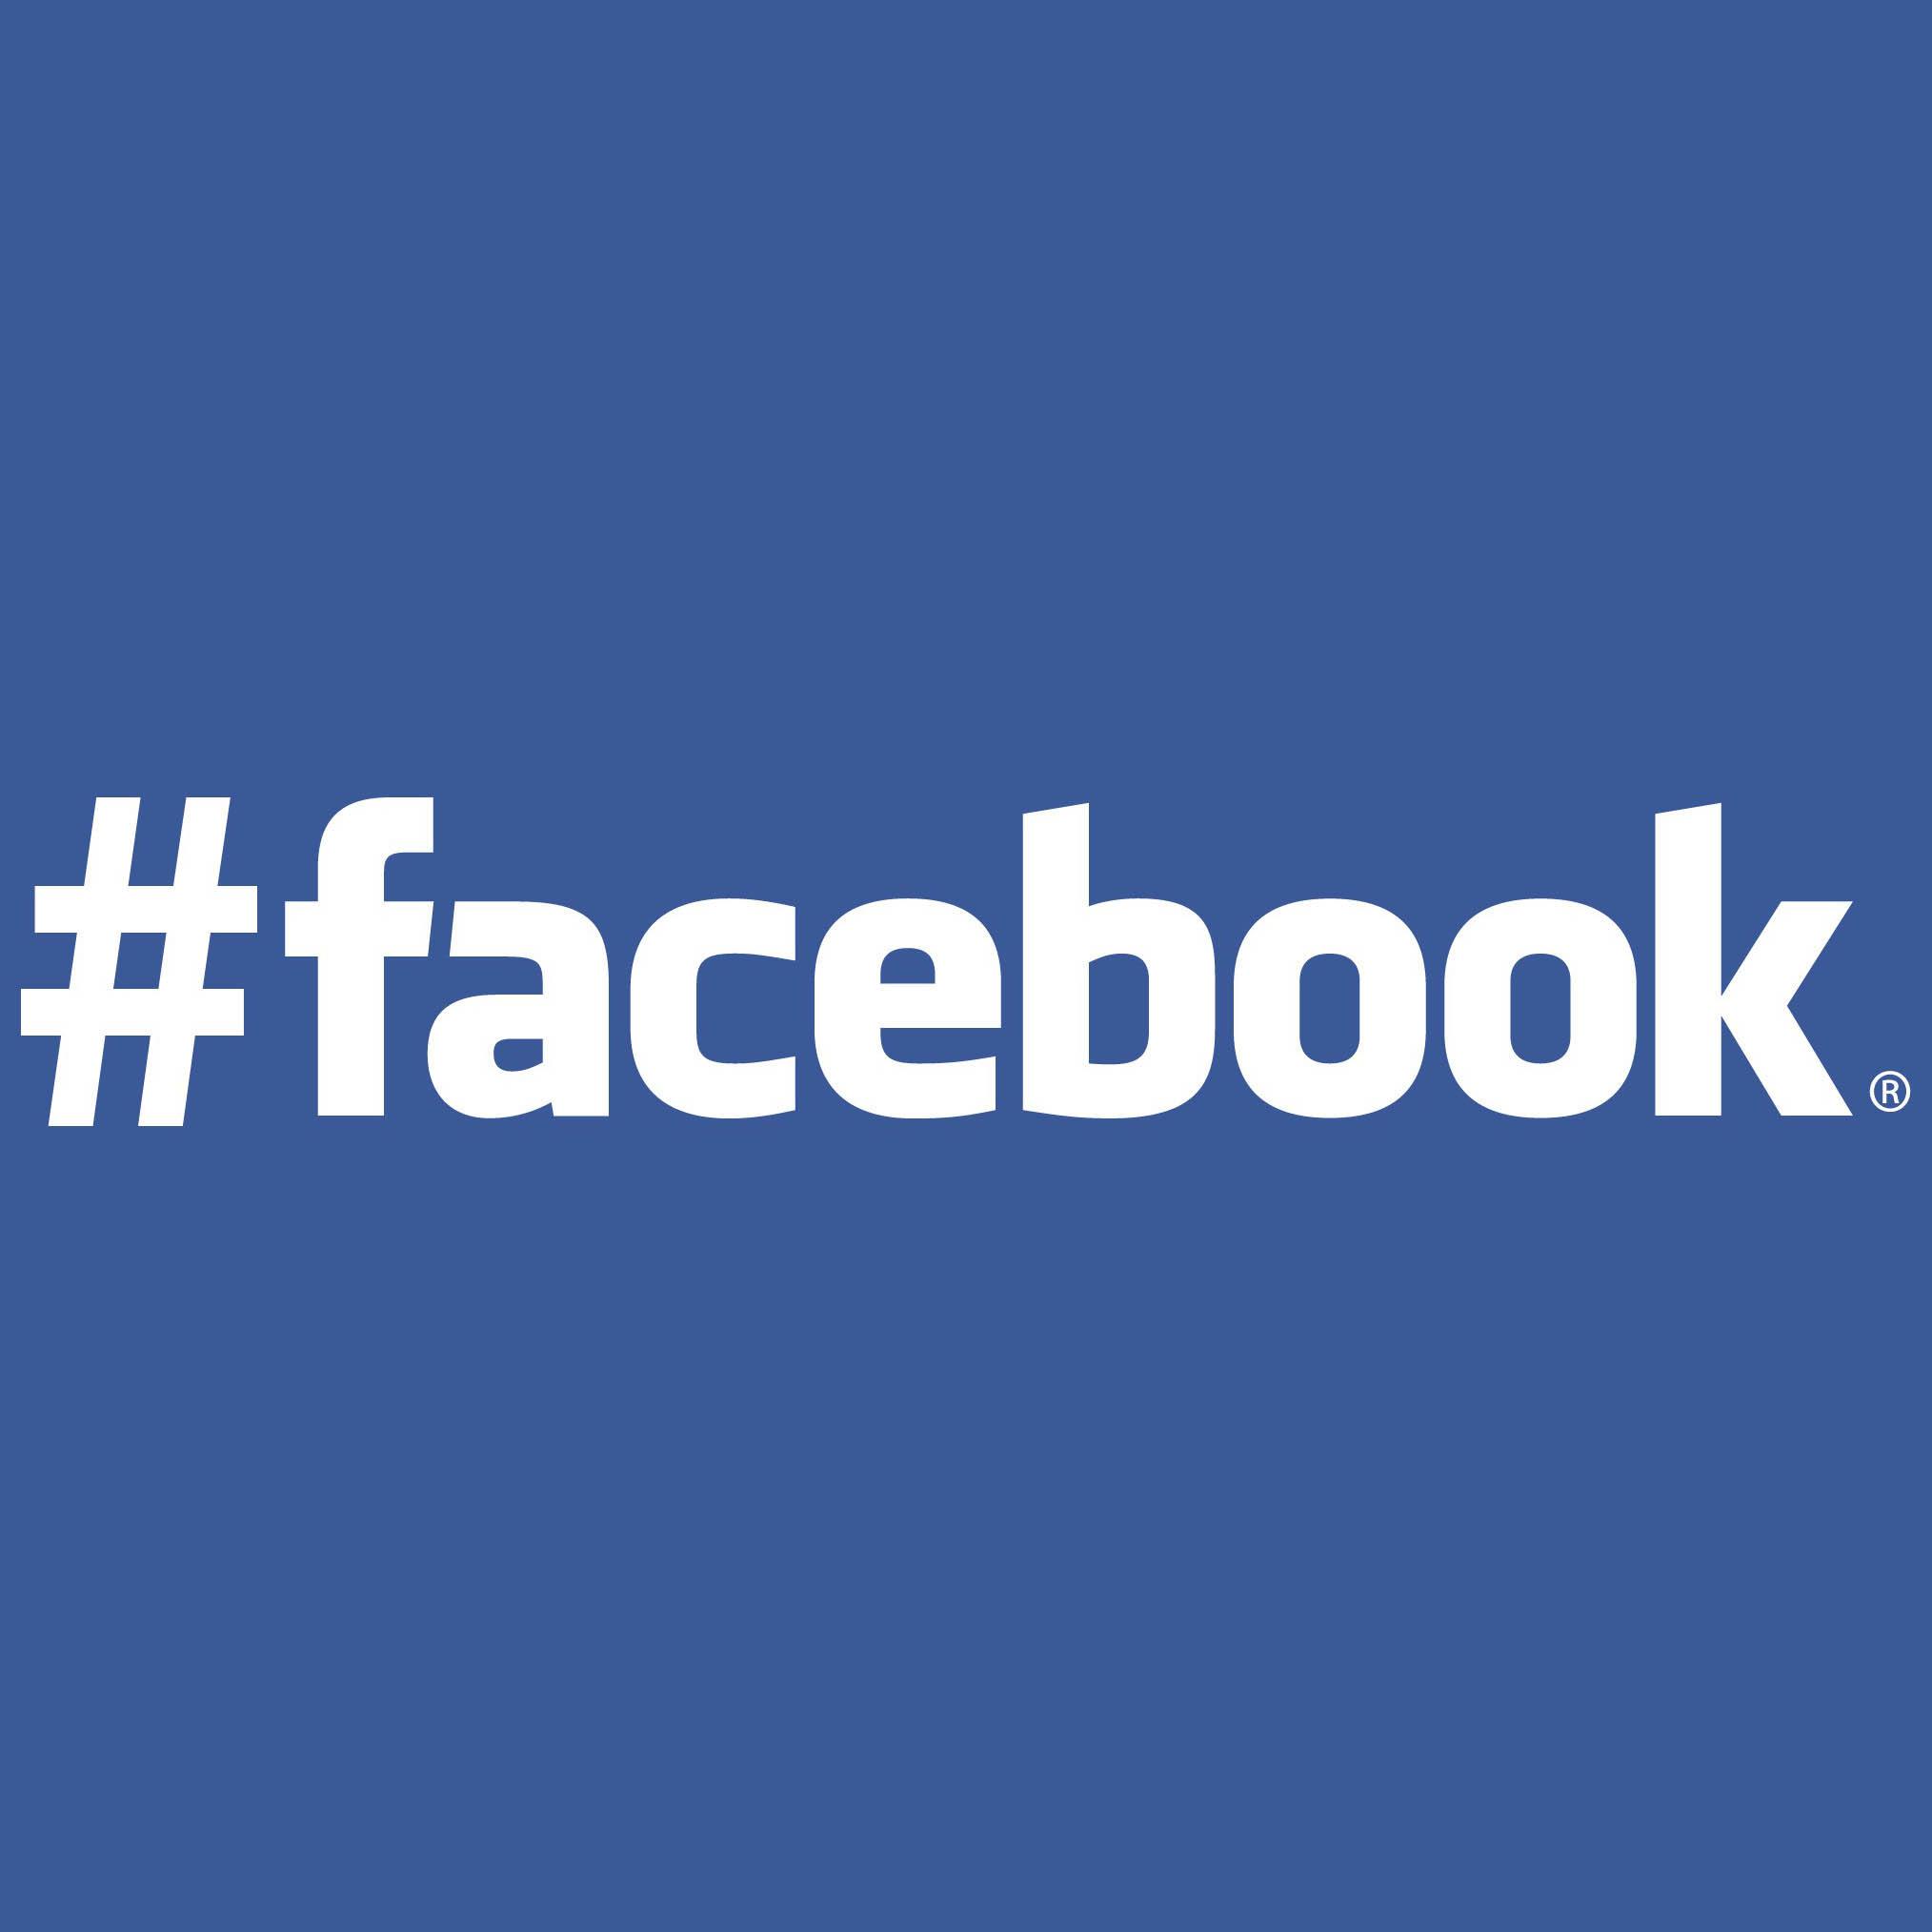 Bild von Facebook führt #Hashtags ein